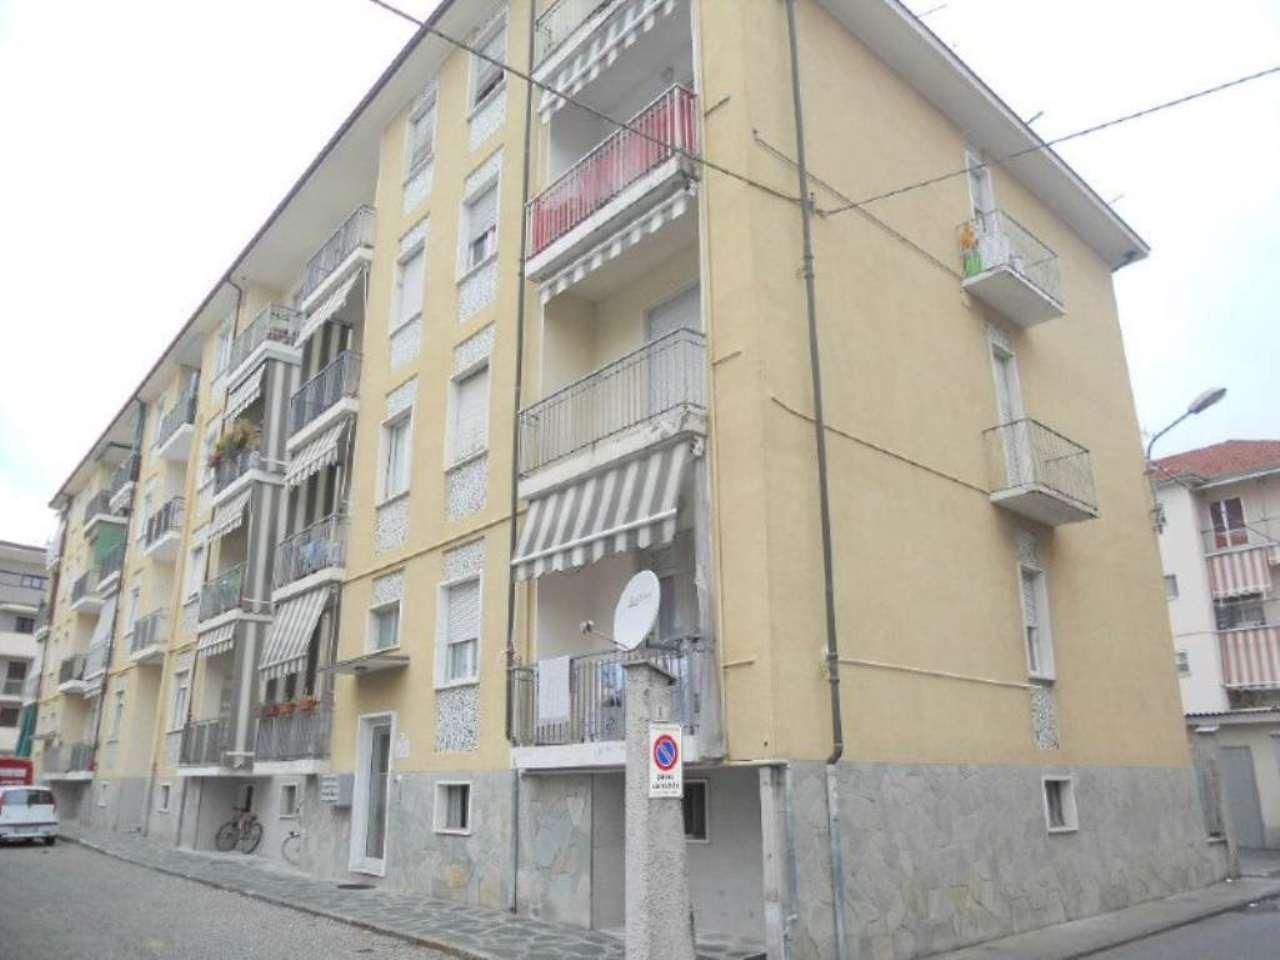 Appartamento in vendita a Savigliano, 2 locali, prezzo € 55.000 | CambioCasa.it